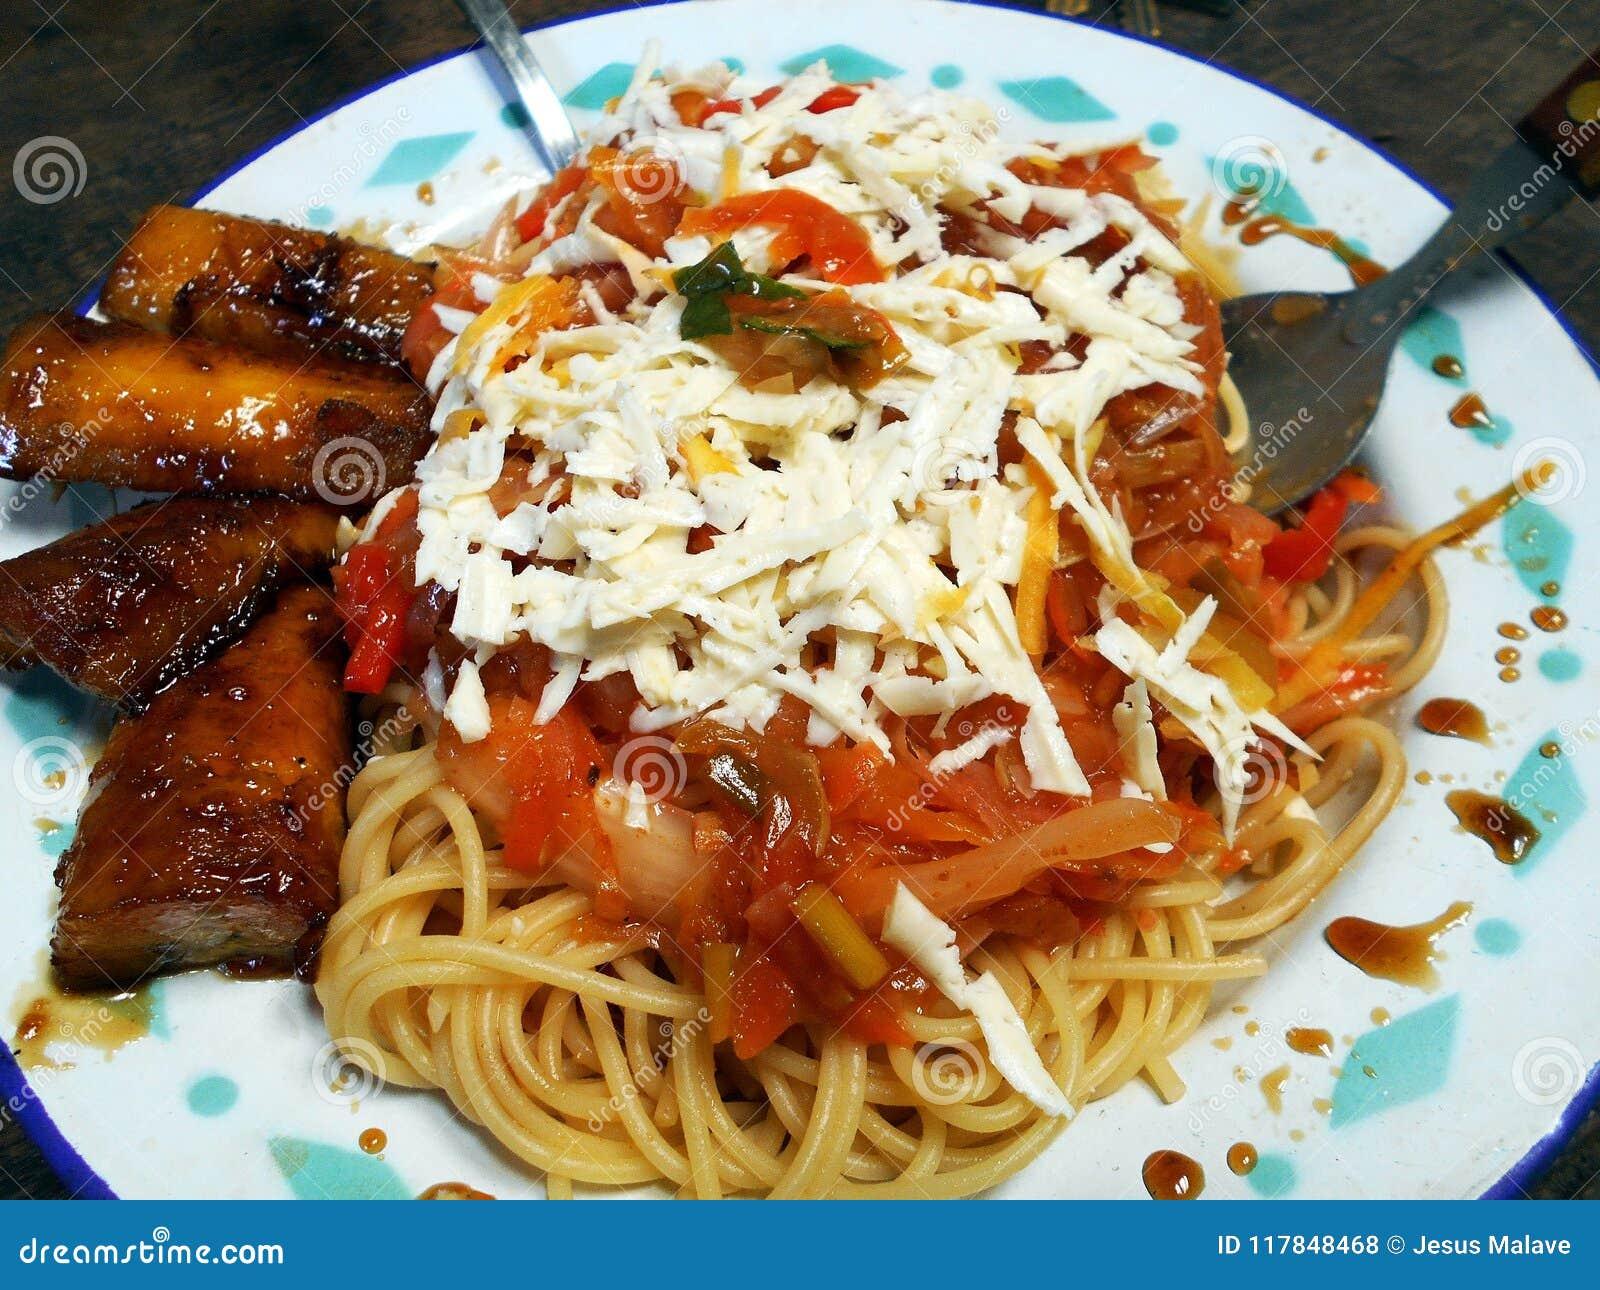 Los espaguetis con queso se prepararon en el estilo suramericano